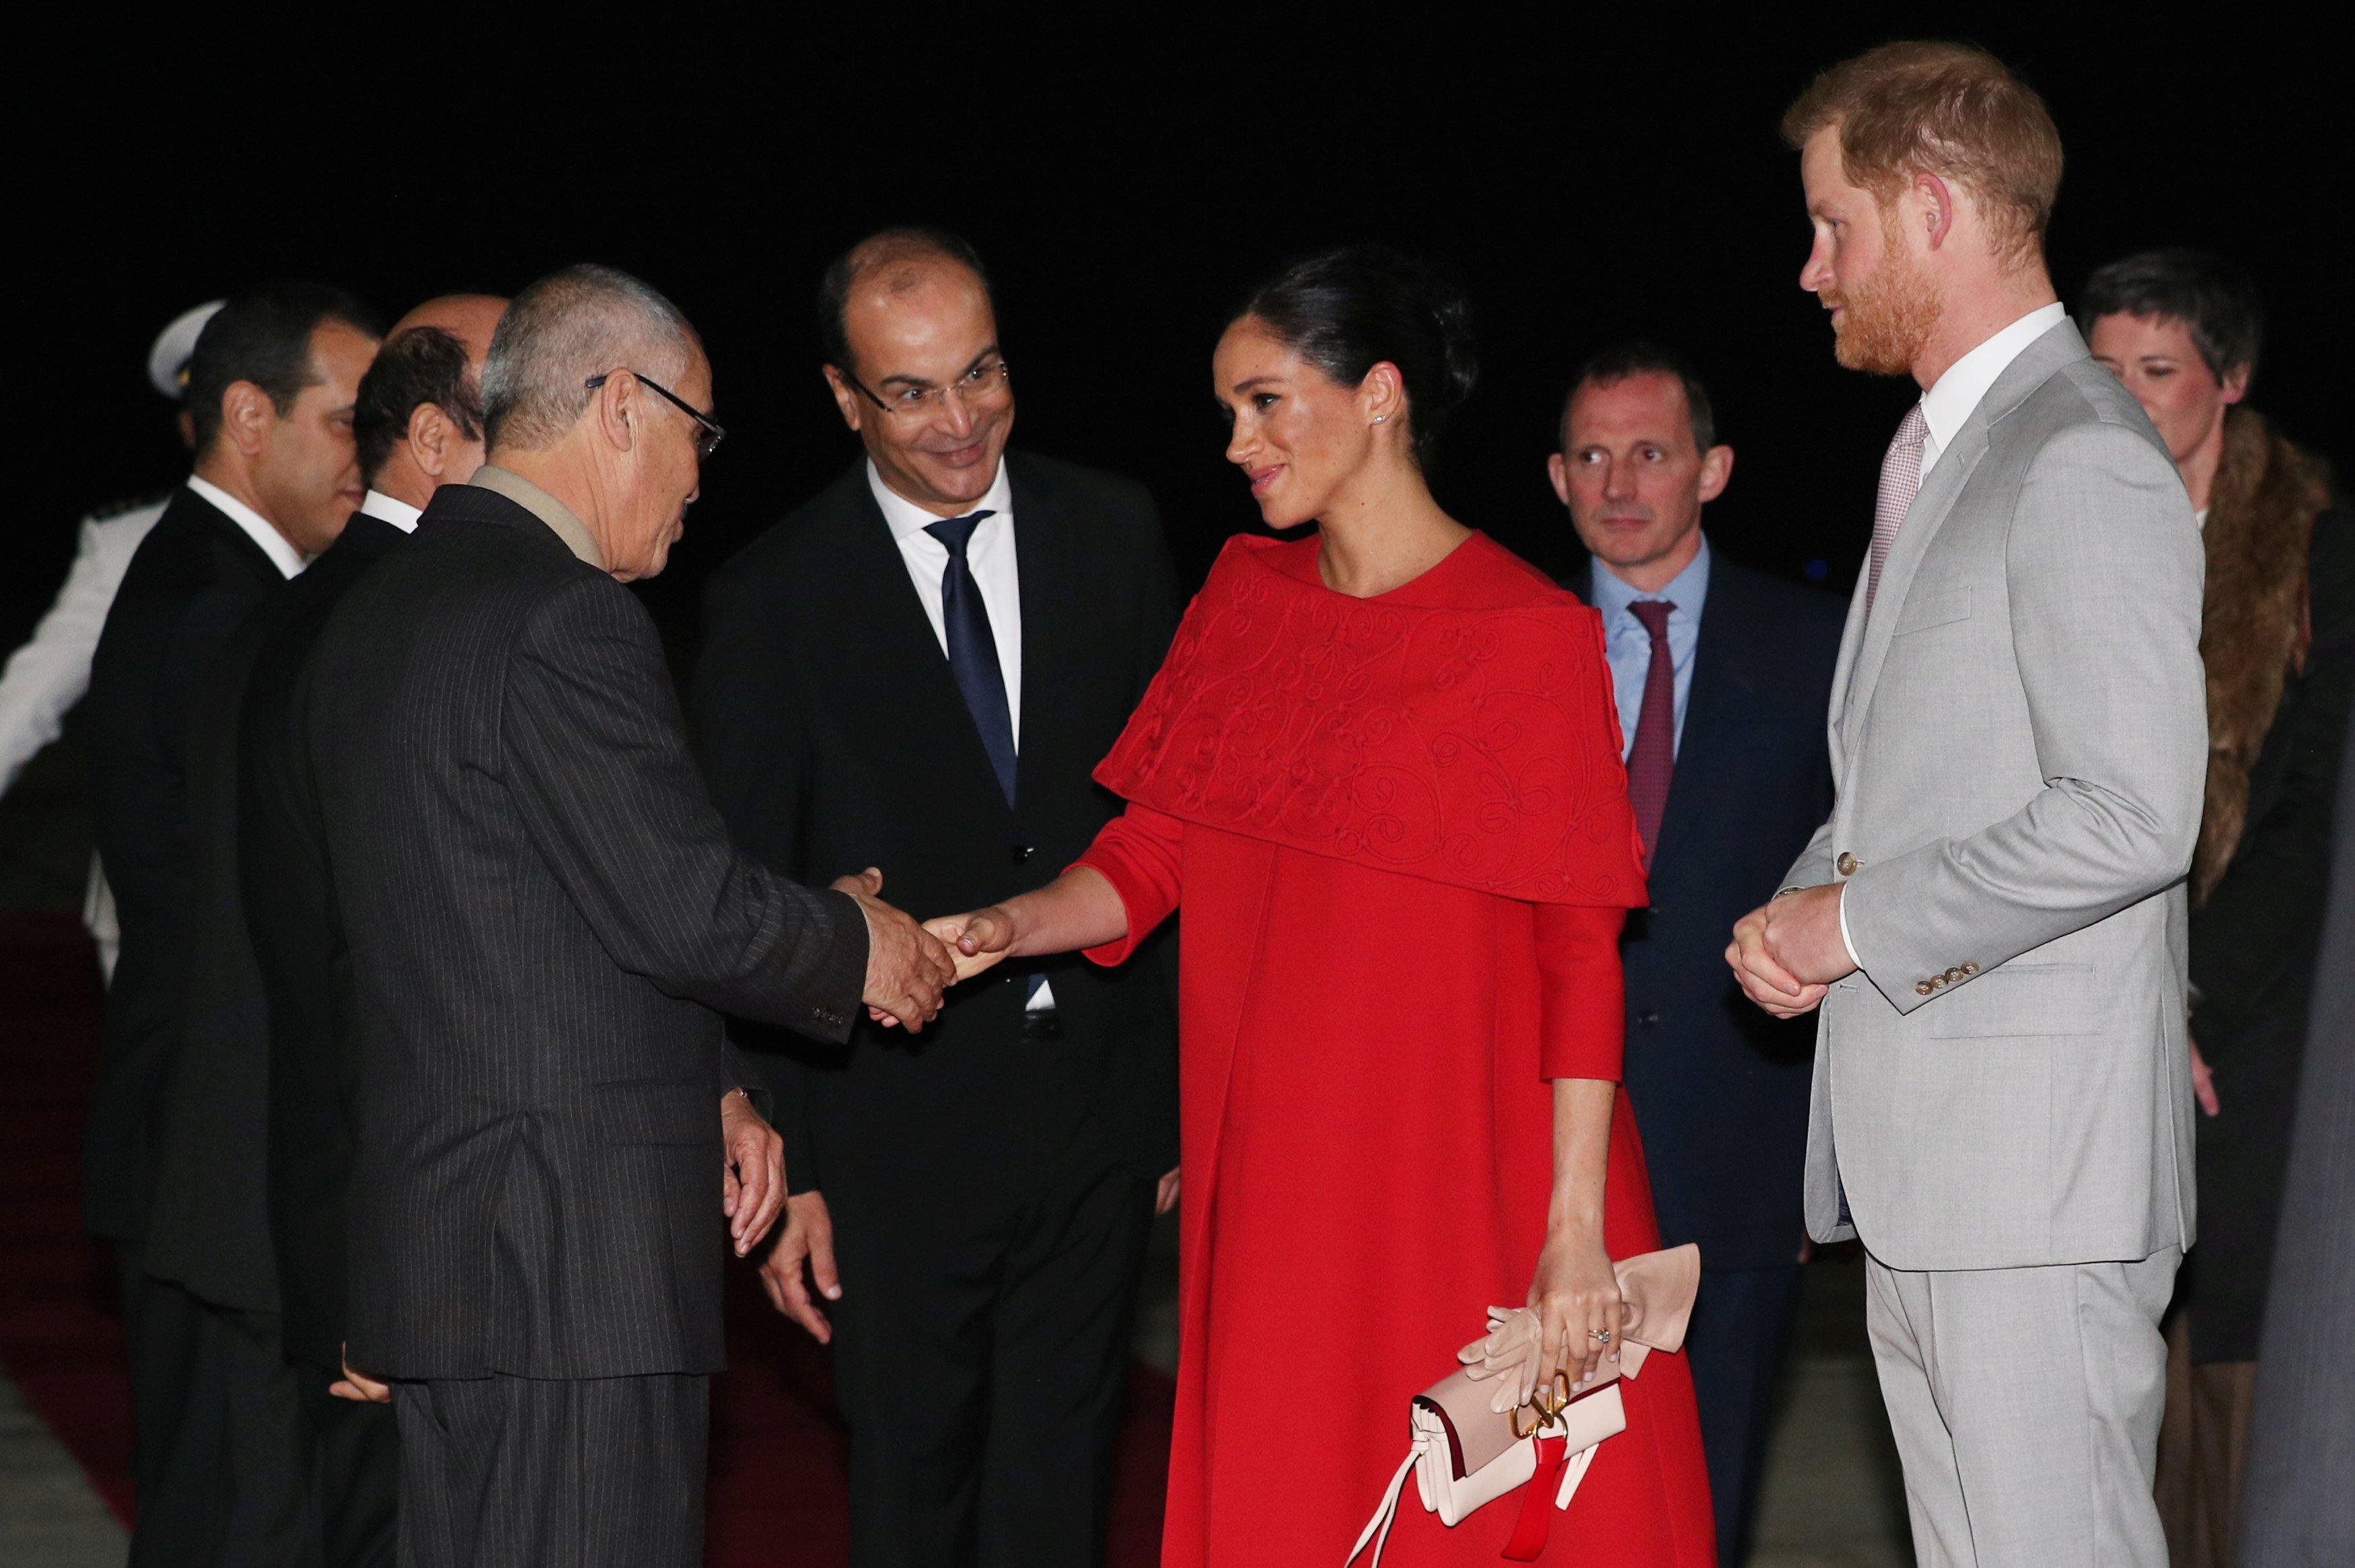 Meghan Markle et le Prince Harry arrivent au Maroc en février 2019 | Photo : Getty Images